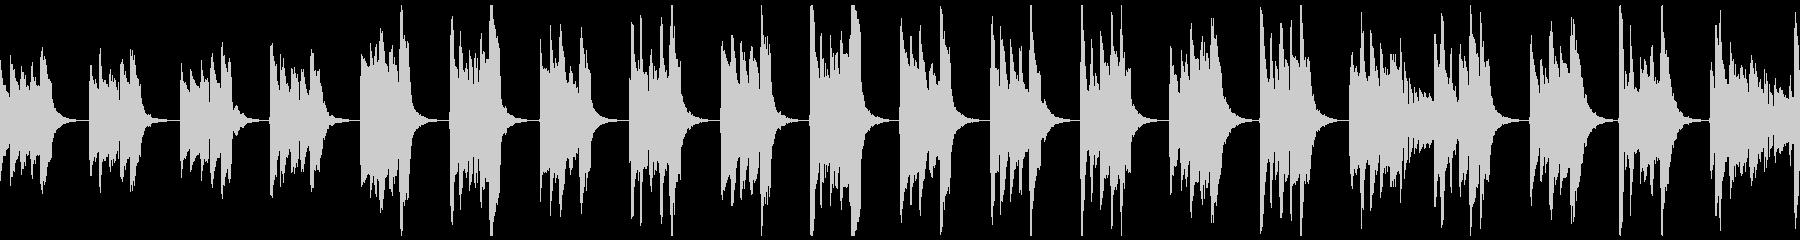 【ループ】中世風のギター:太古の森6の未再生の波形